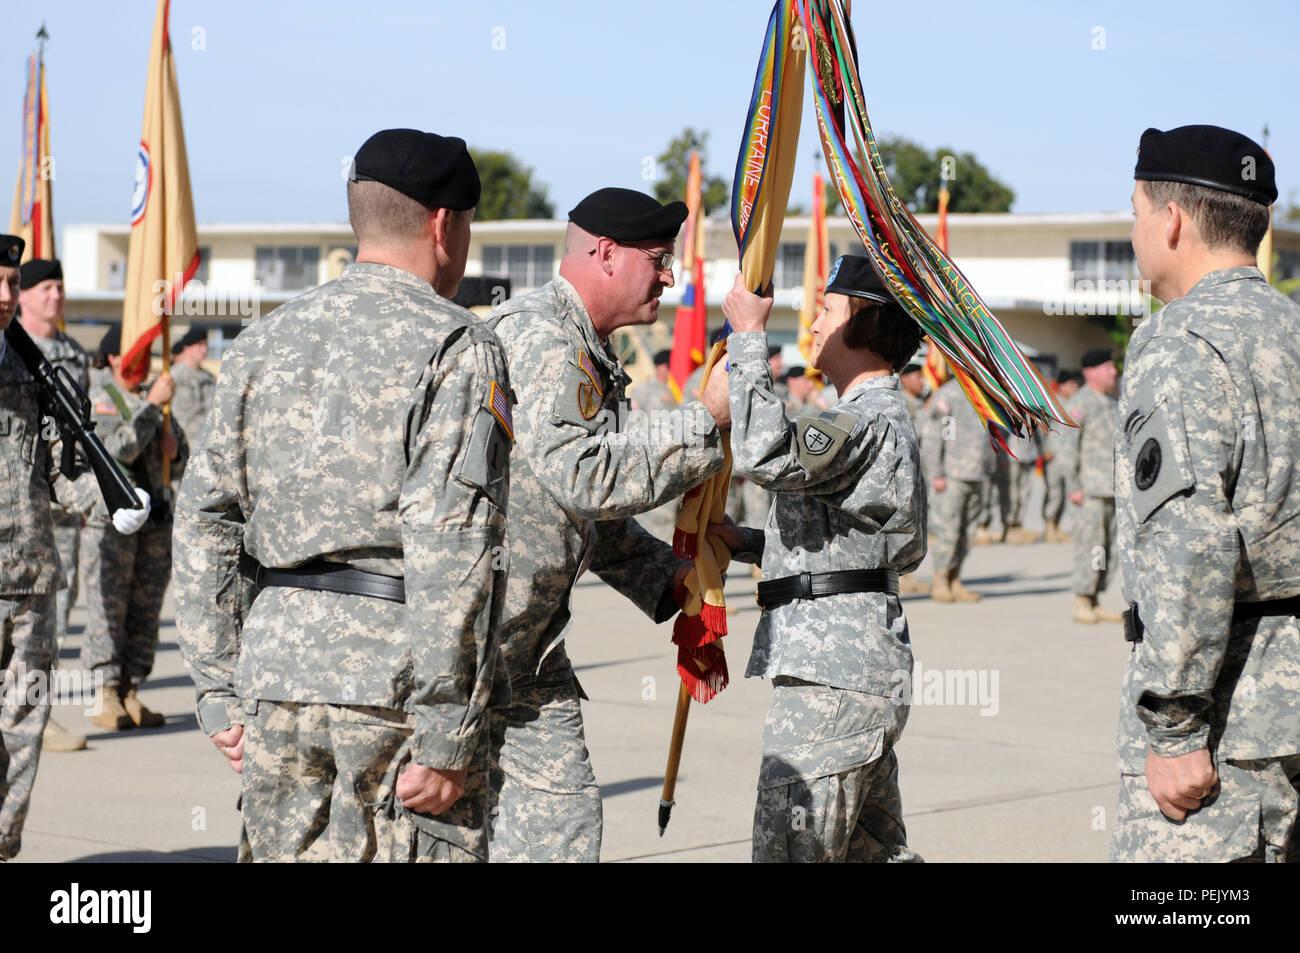 Mando del sargento. My Ted Copeland, sargento mayor de comando del 79º Comando de Apoyo de sostenimiento, pasa la 79ª del SSC guidon a Gral. Gen. Megan P. Tatu, 79º comandante general saliente del SSC, durante la ceremonia de cambio de mando de fuerzas conjuntas de formación de base, Los Alamitos, California, 5 de diciembre de 2015. (Ee.Uu. Foto del ejército por el SPC. Heather Doppke/liberado) Imagen De Stock